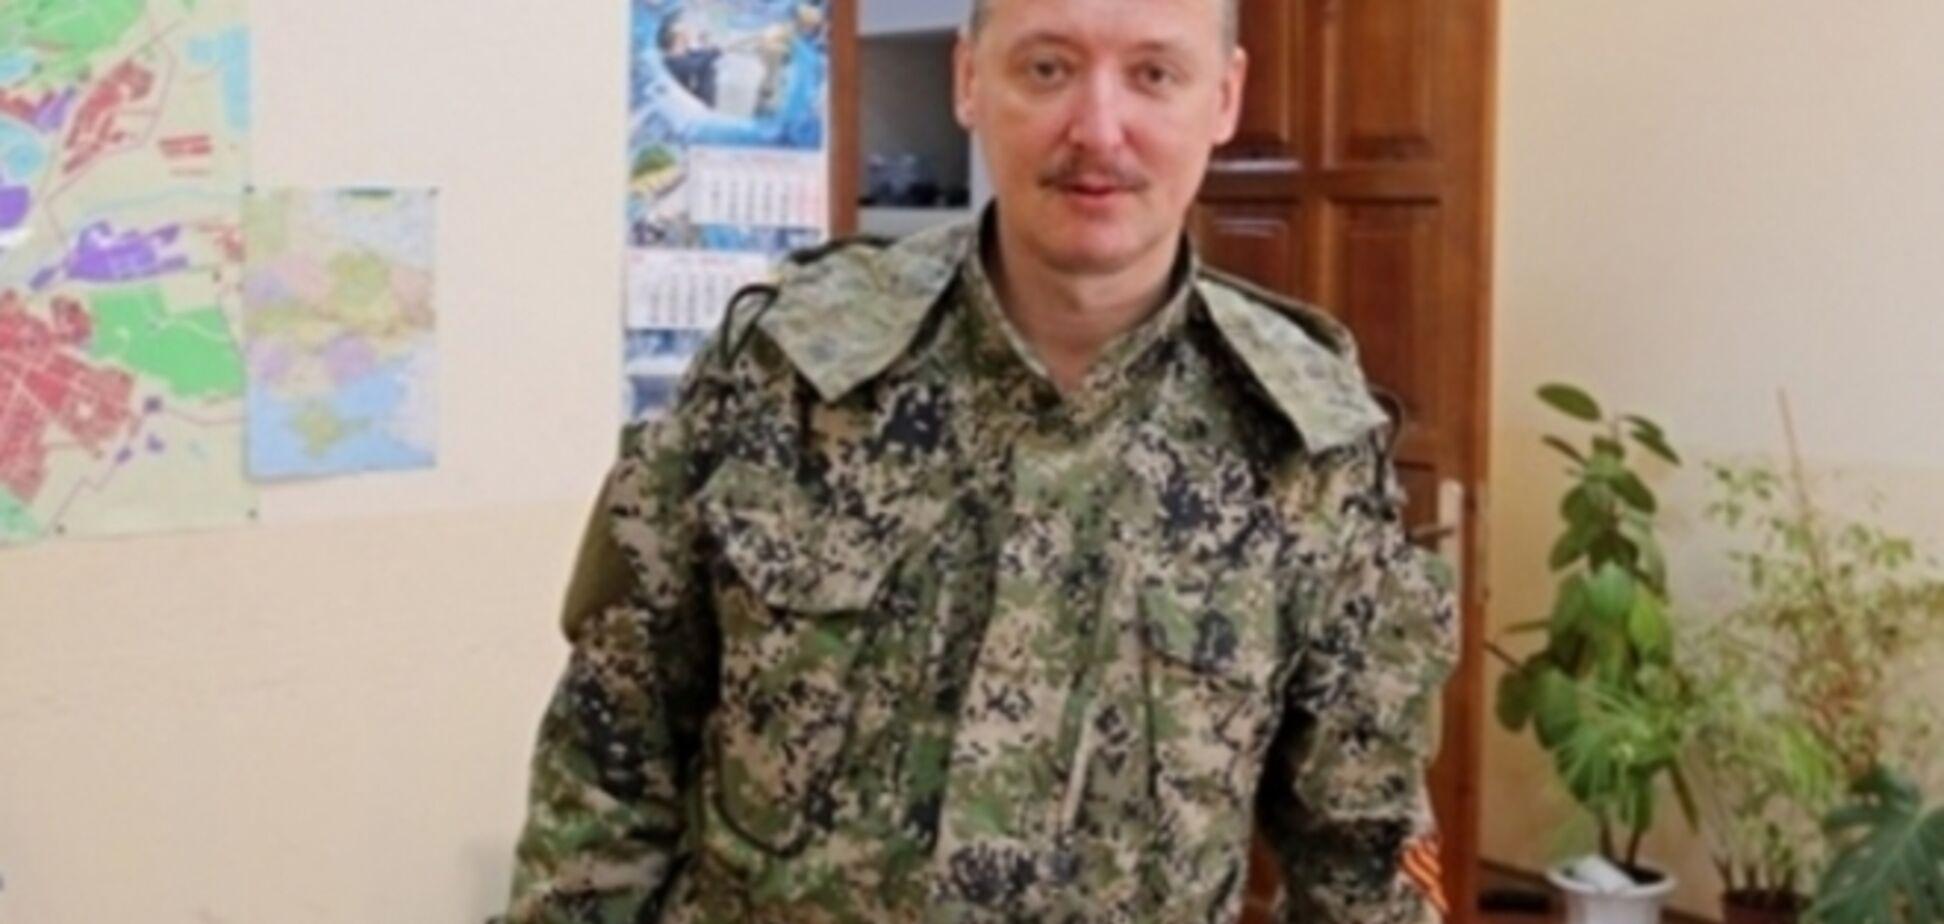 Террорист 'Стрелок' причастен к похищениям людей в Чечне - российский правозащитник